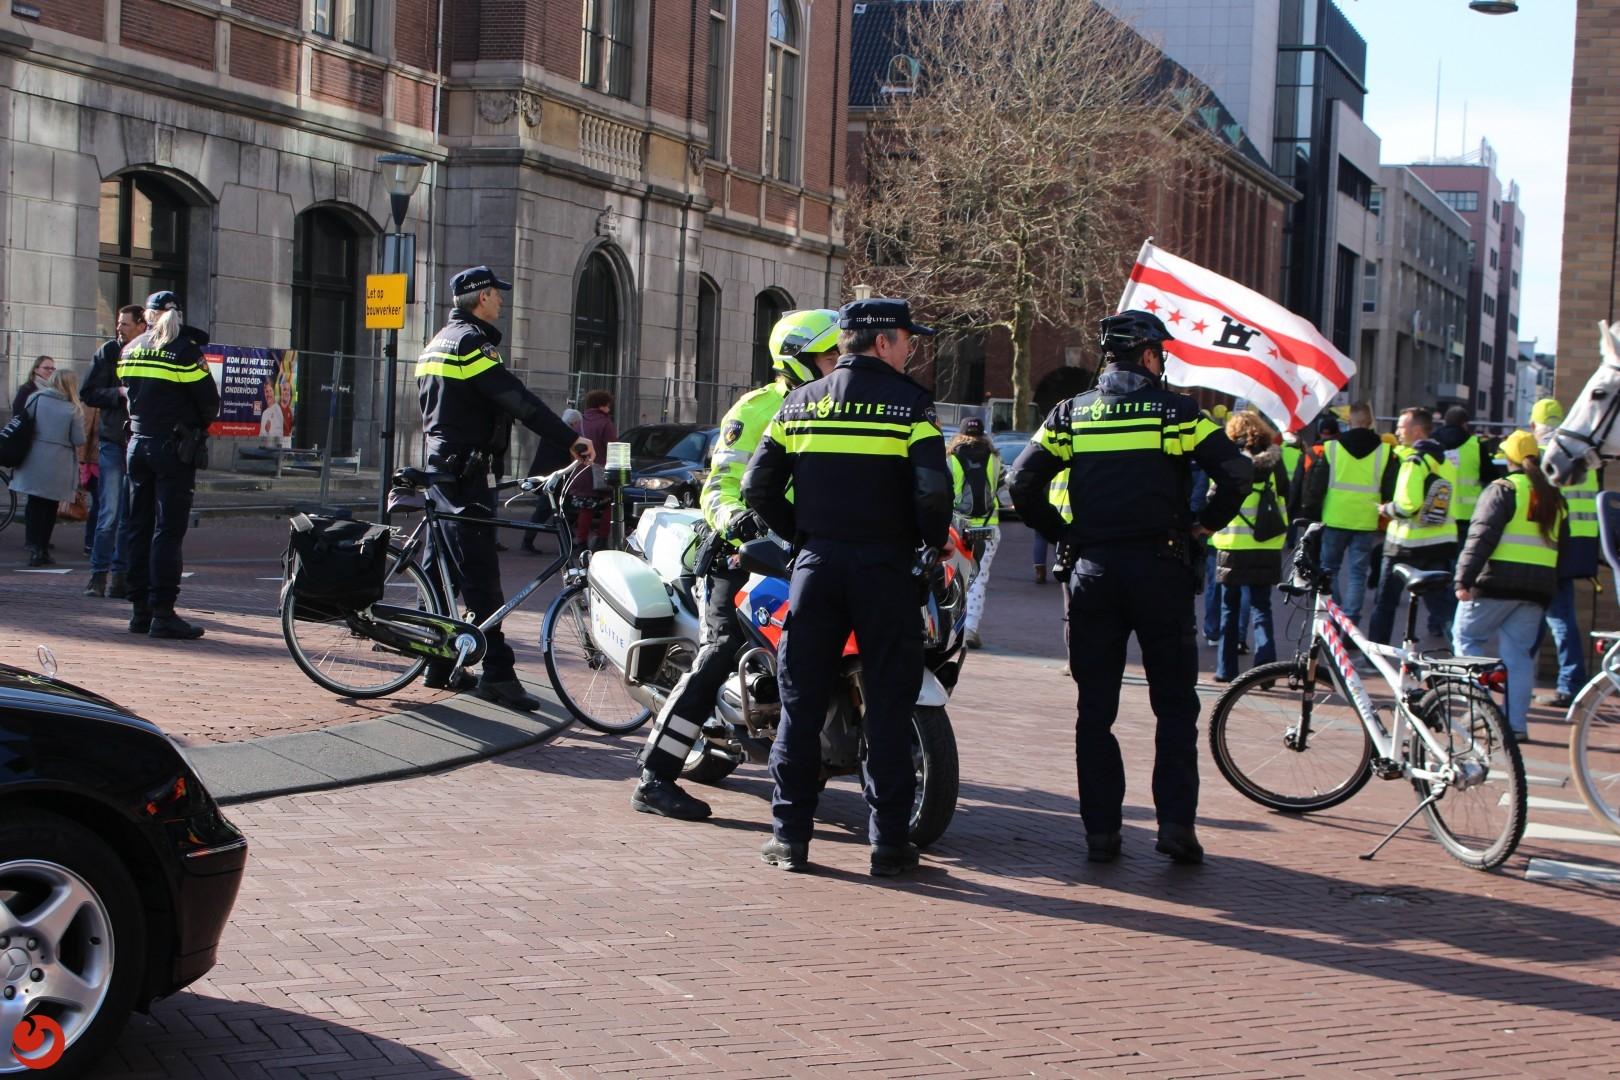 Politie begeleidt demonstratie gele hesjes